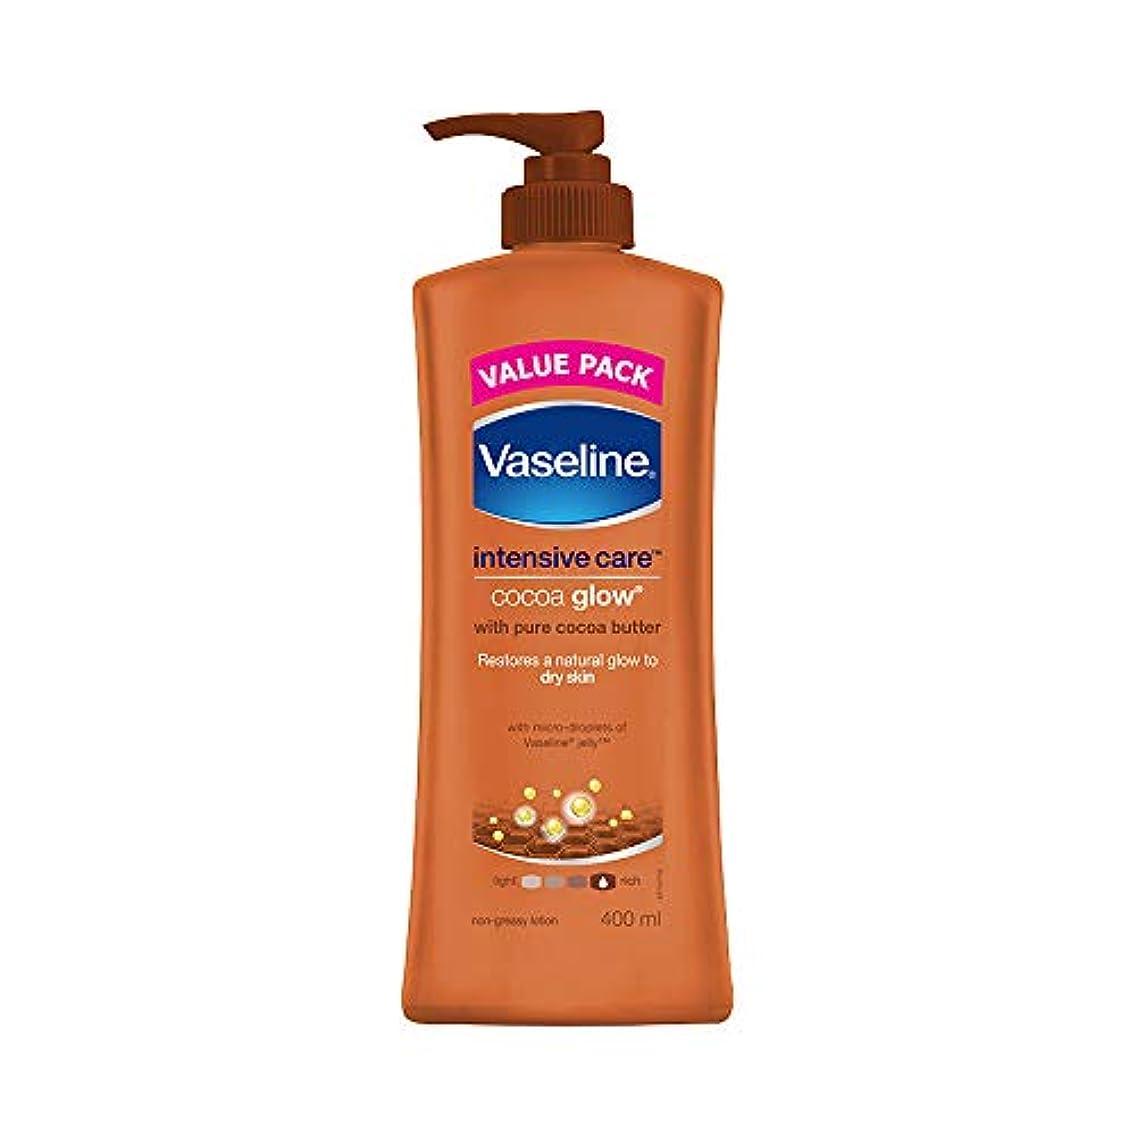 アストロラーベガラガラチキンVaseline Intensive Care Cocoa Glow Body Lotion, 400 ml